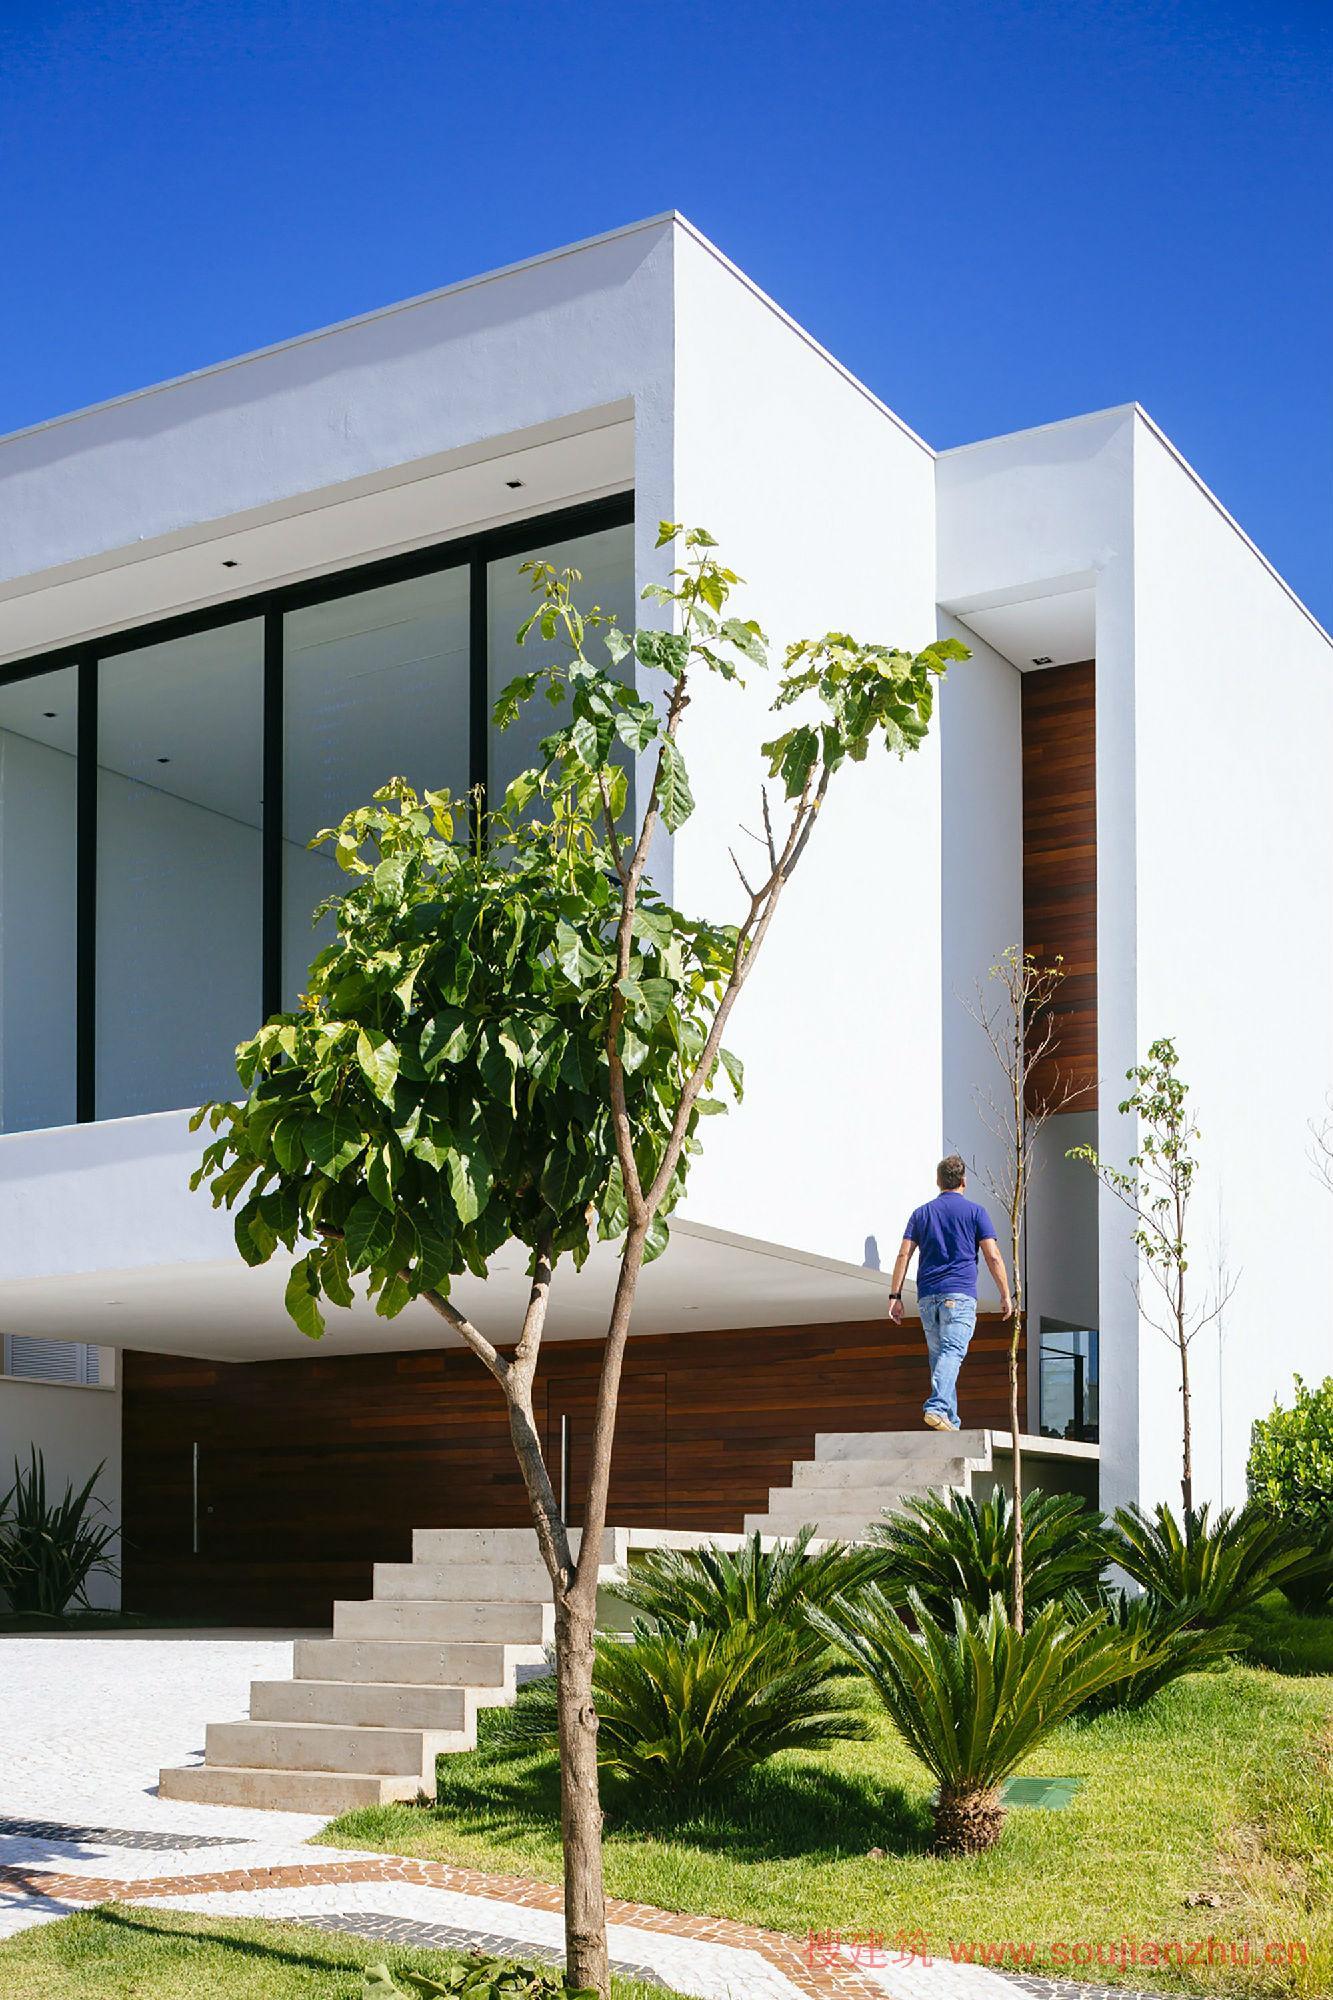 建筑师:24.7 Arquitetura Design 地点:巴西  圣保罗 面积:305平方米 年份:2013   该项目是由24.7 Arquitetura Design设计的Guaiume别墅,位于圣保罗坎皮纳斯的四大区之一Sousas,别墅坐落于最高处,可俯瞰Serra das Cabras西南部,坎皮纳斯的最高点。   为了融合于地形的性质,项目探索上部,并提出不同楼层的布局。最后创建了不同功能的四个楼层:车库、服务区、生活区和私人区。设计还注重自然资源的优化,包括自然光照和通风设计。